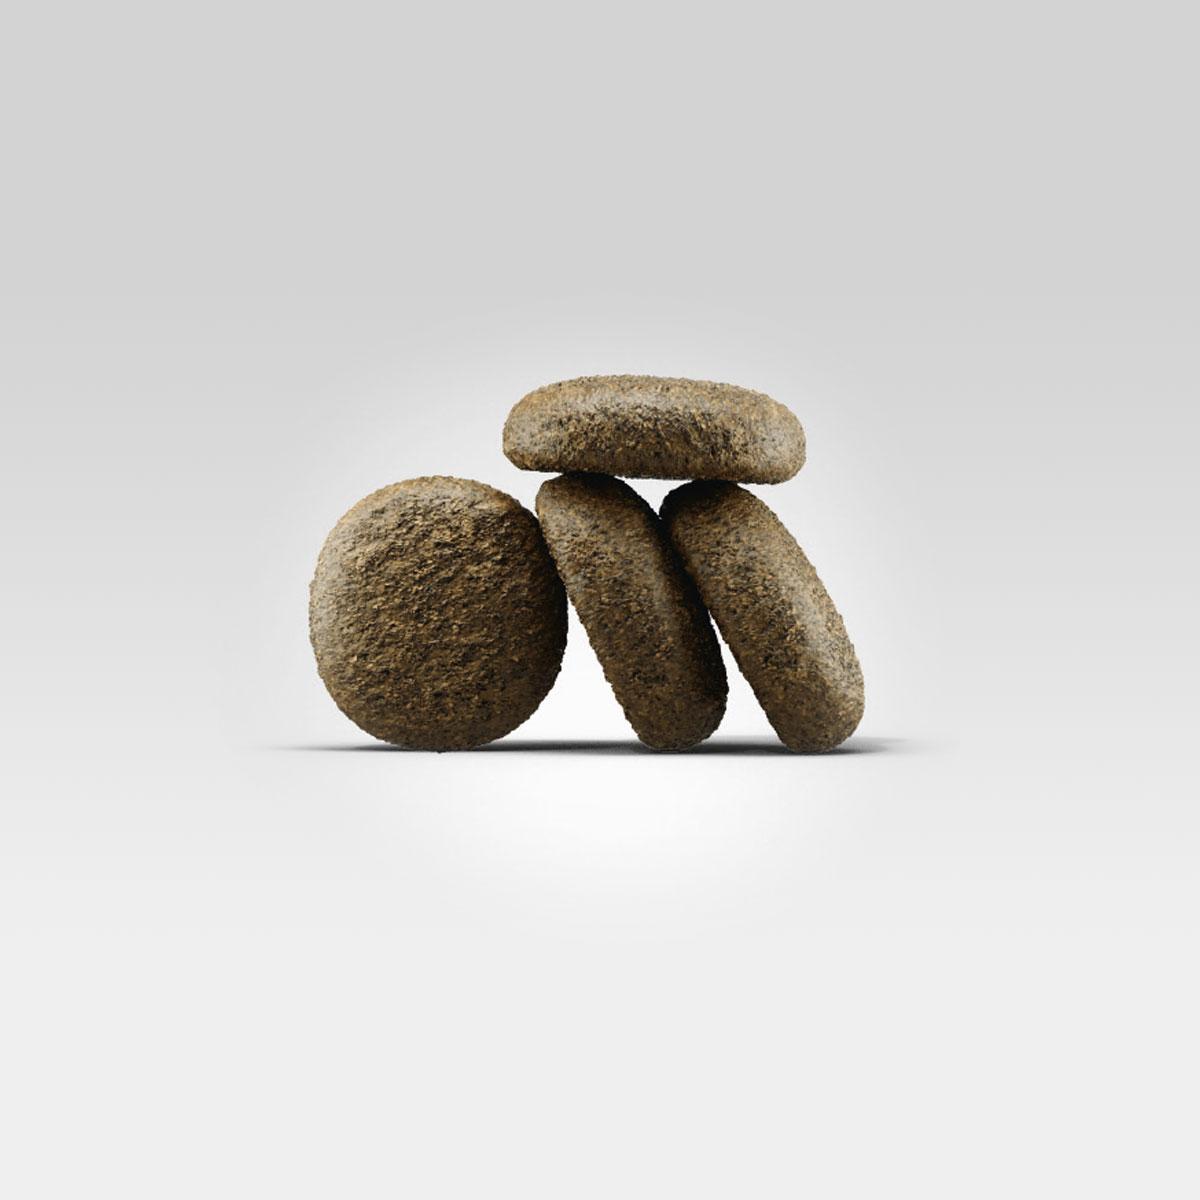 josera croquettes saumon pommes de terre pour chiens. Black Bedroom Furniture Sets. Home Design Ideas